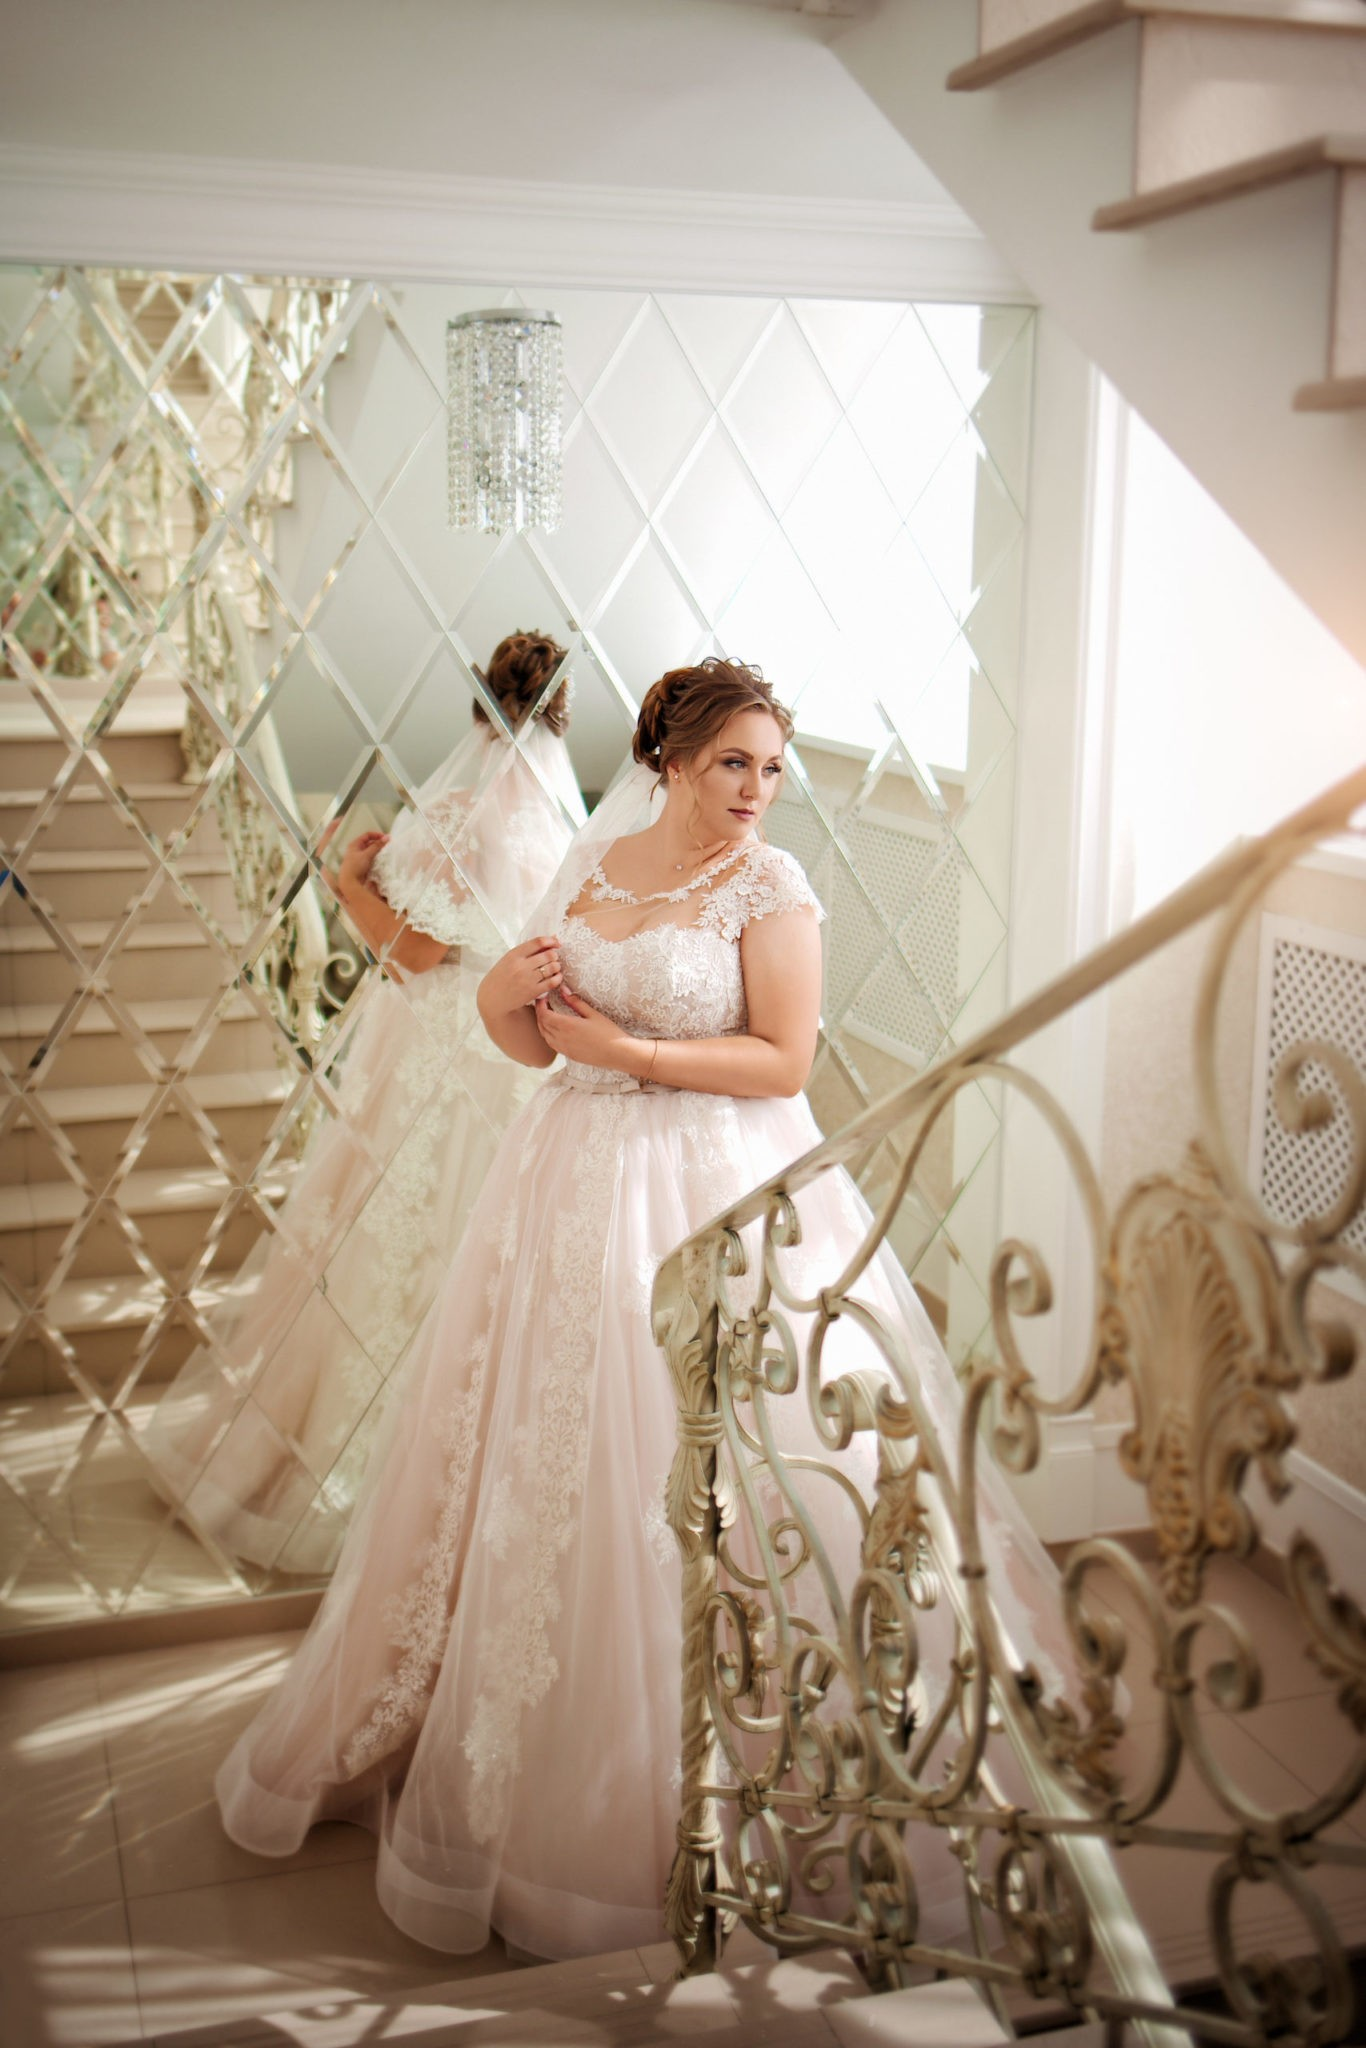 Съемка в ст. Выселки от свадебного фотографа: невеста в ожидании жениха, утро невесты